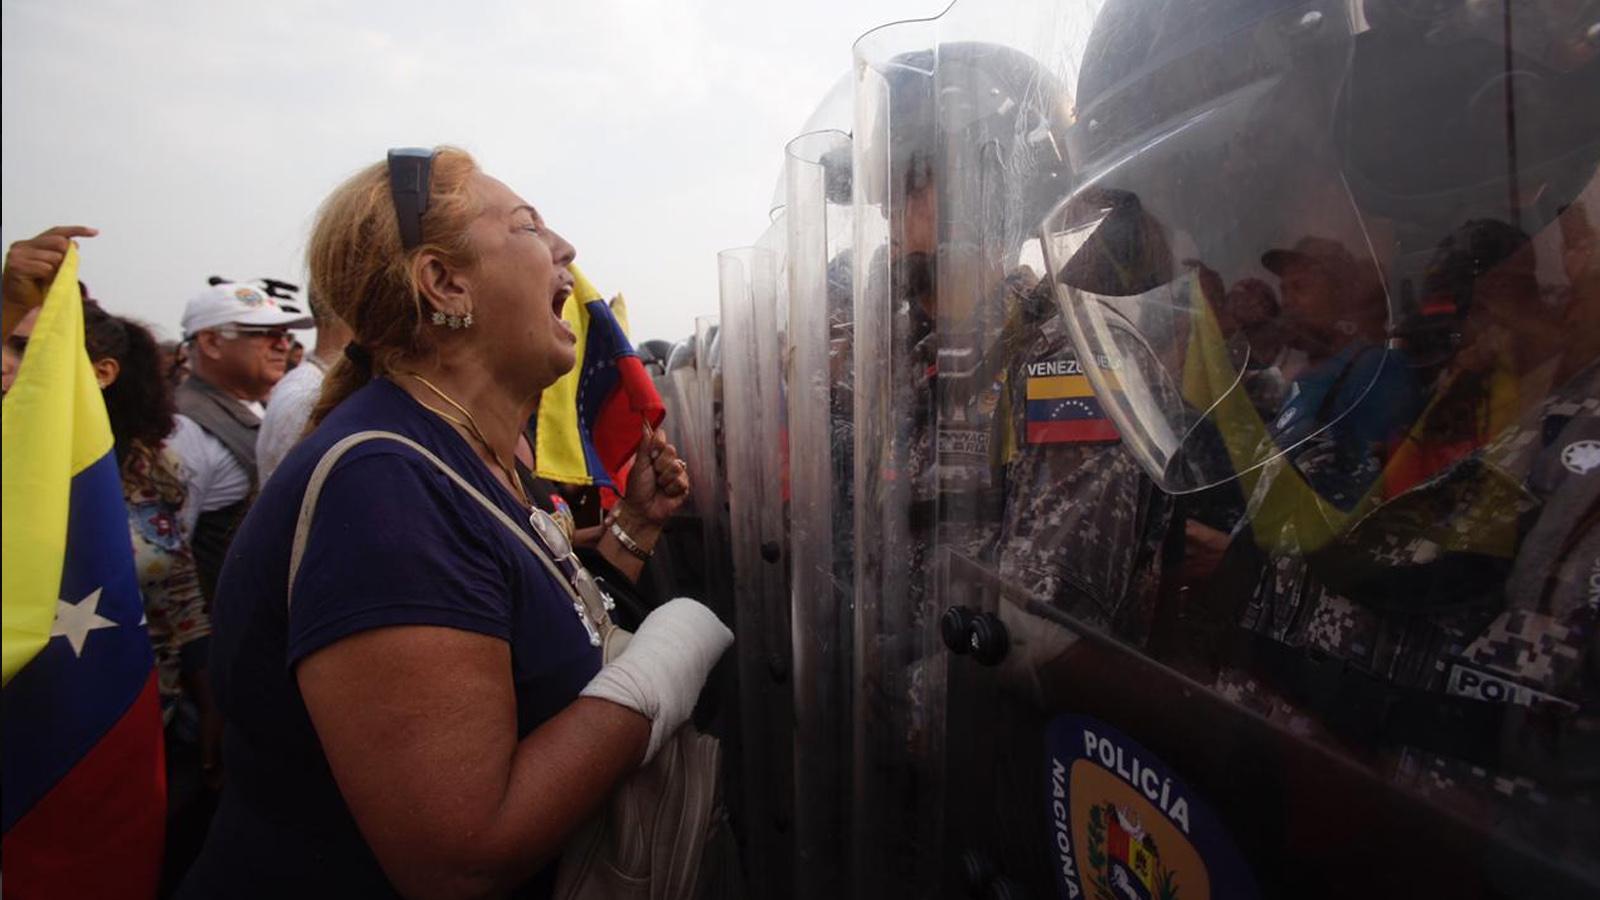 Minuto a minuto: esto pasó el #23F en las fronteras de Venezuela